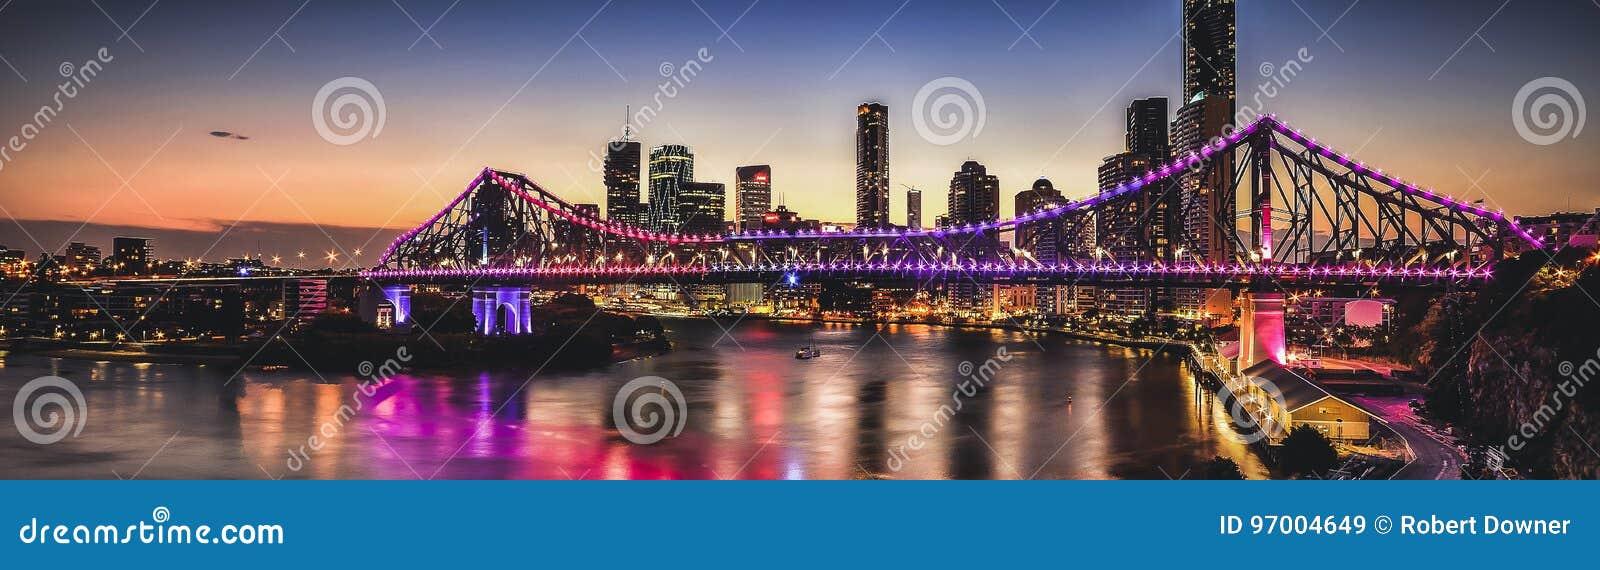 偶象故事桥梁在布里斯班,昆士兰,澳大利亚